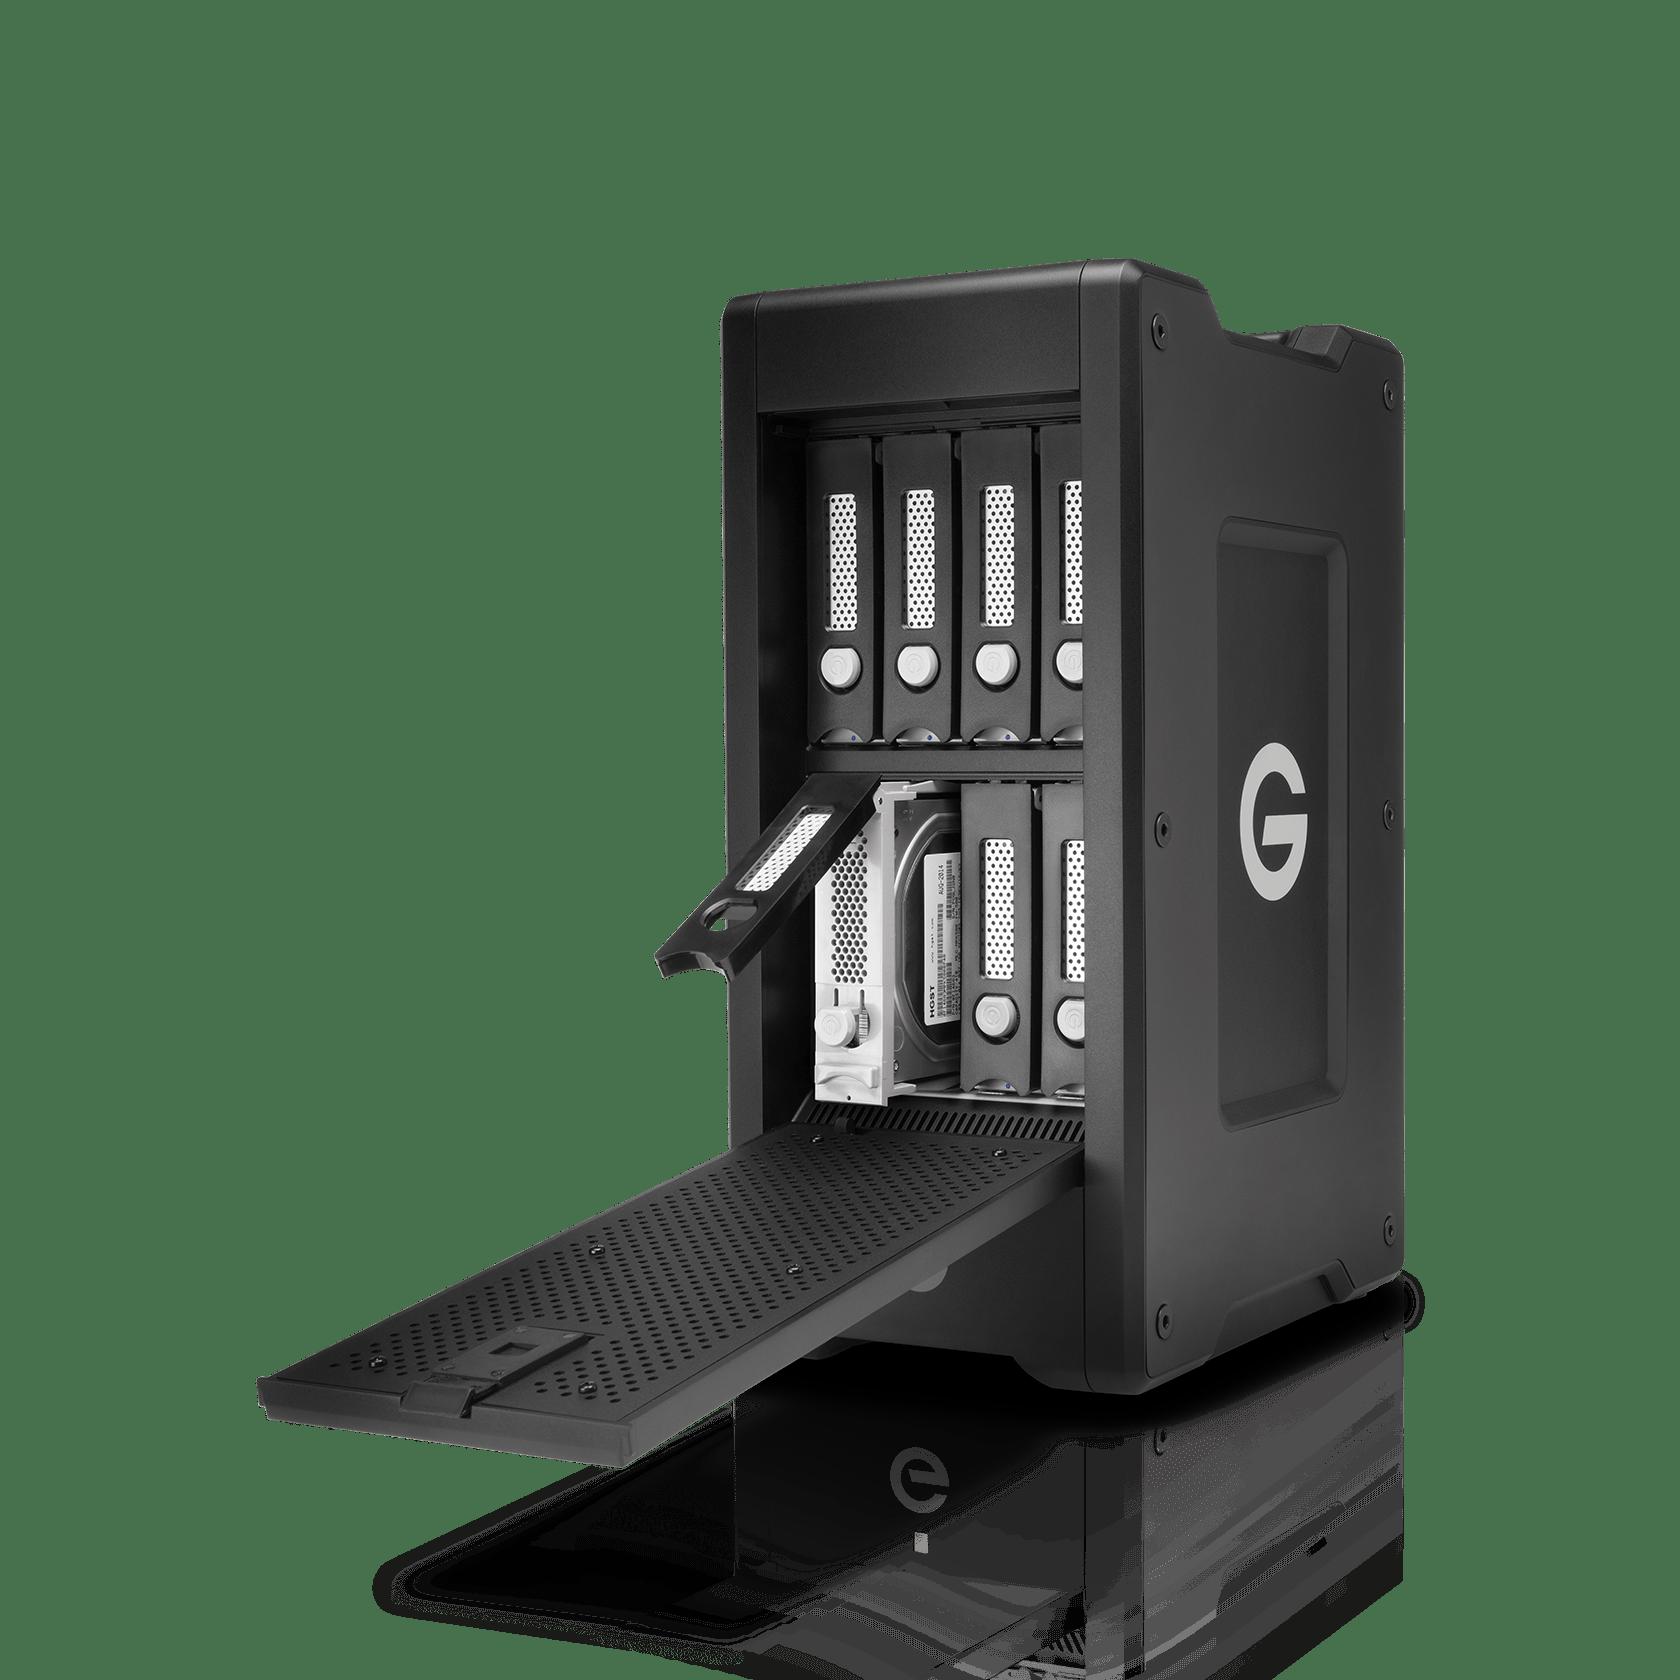 G-Technology 24TB G-SPEED Shuttle XL Thunderbolt 2, 8-Bay Storage System - 0G04647